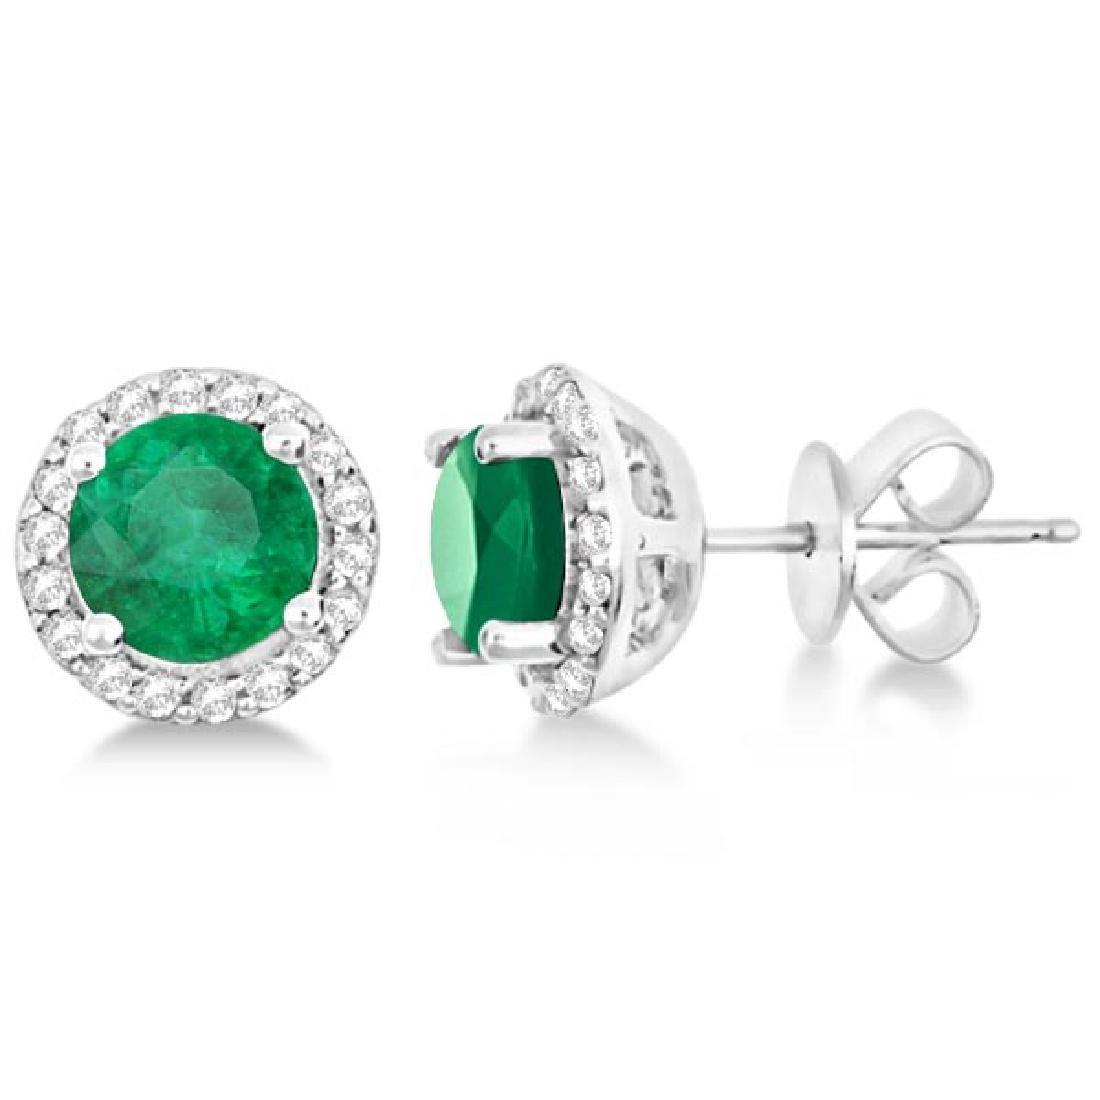 Ladies Emerald and Diamond Halo Stud Earrings in Sterli